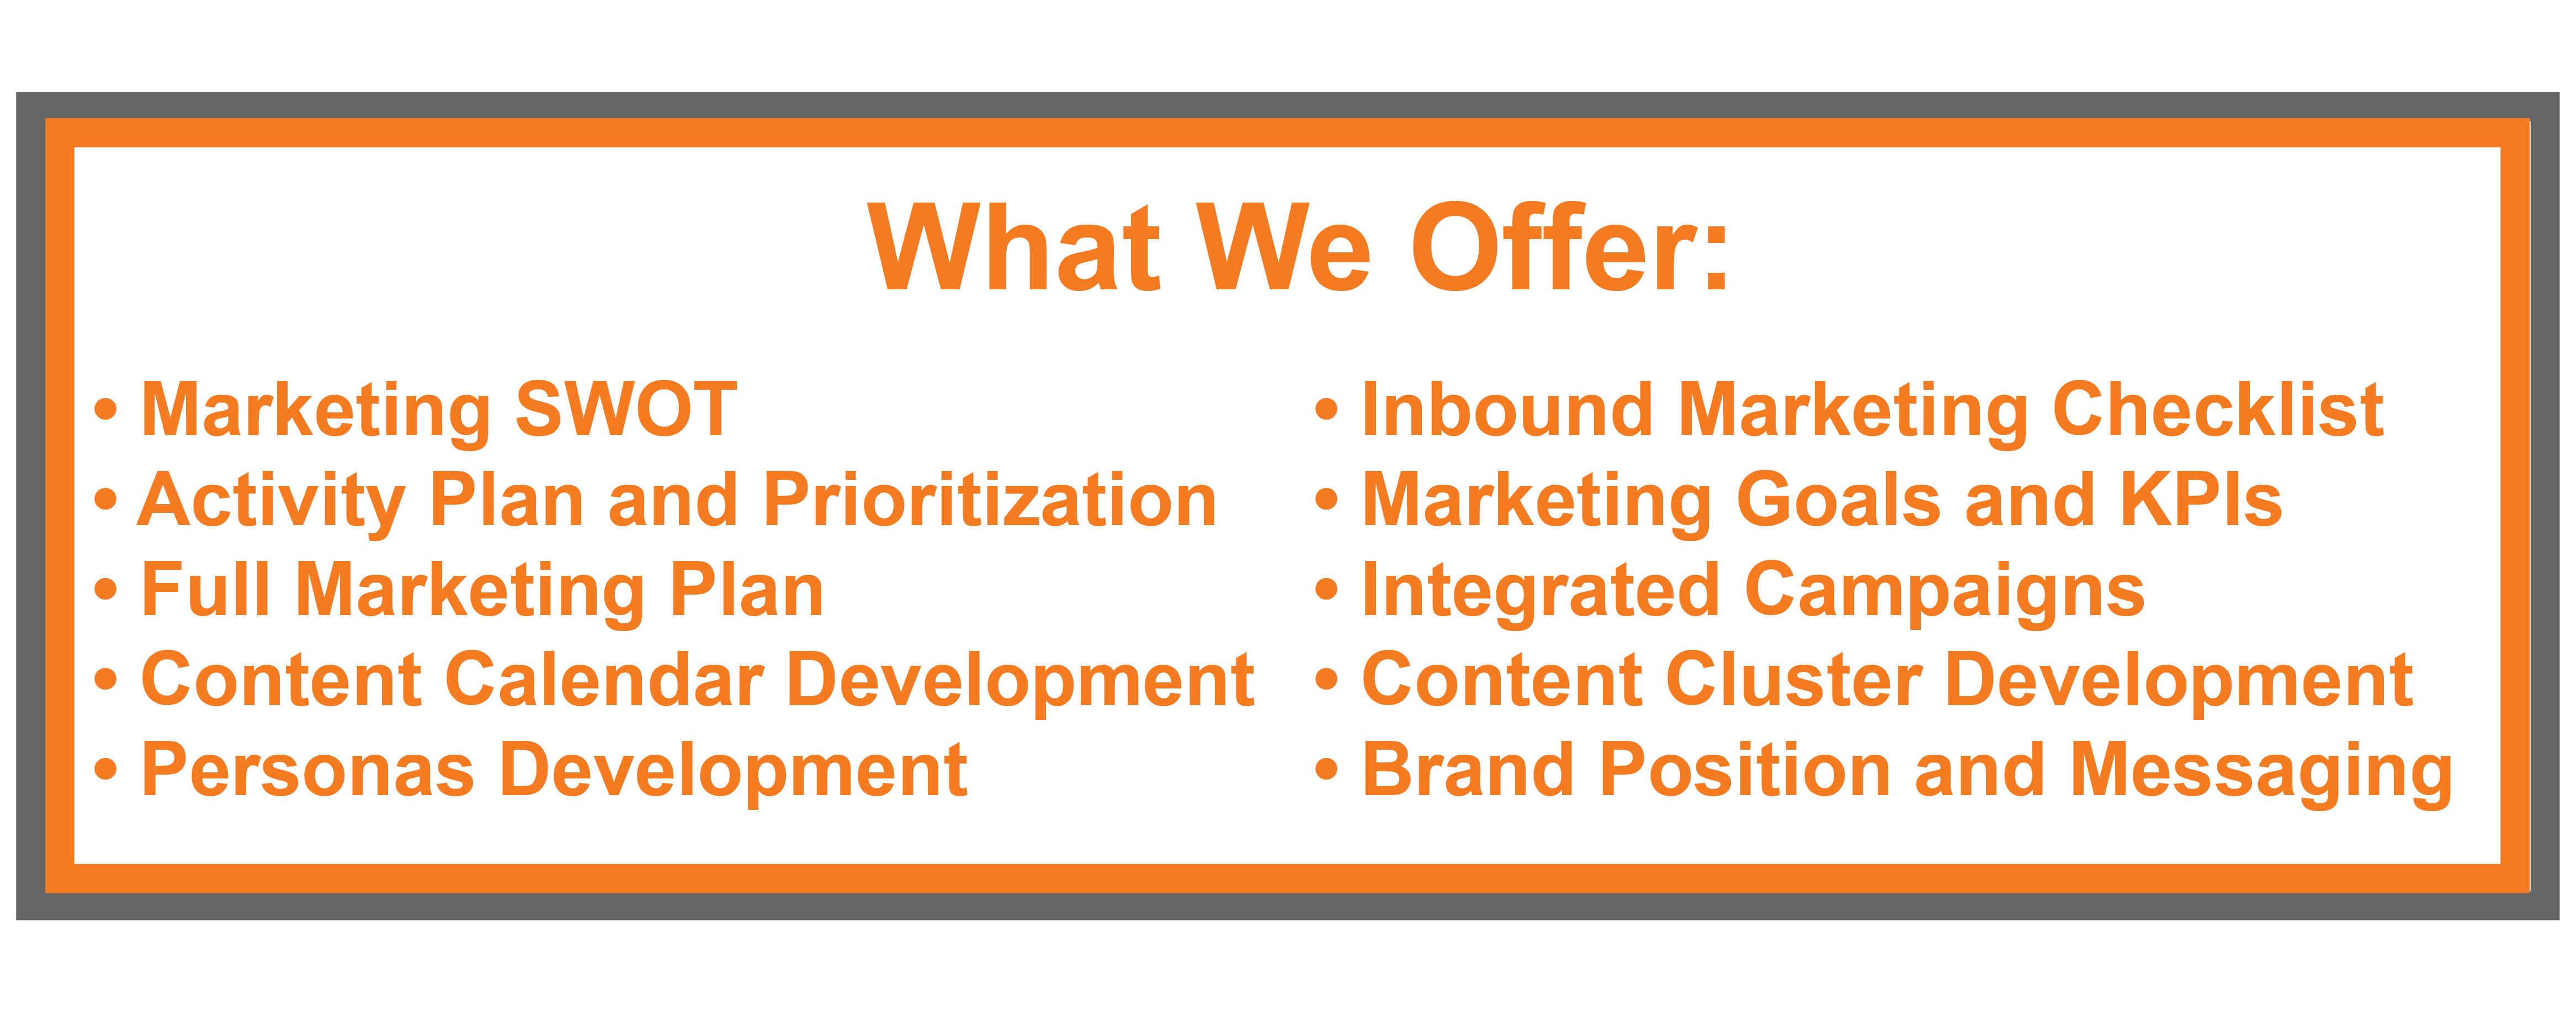 Marketing Planning Deliverables 2-1